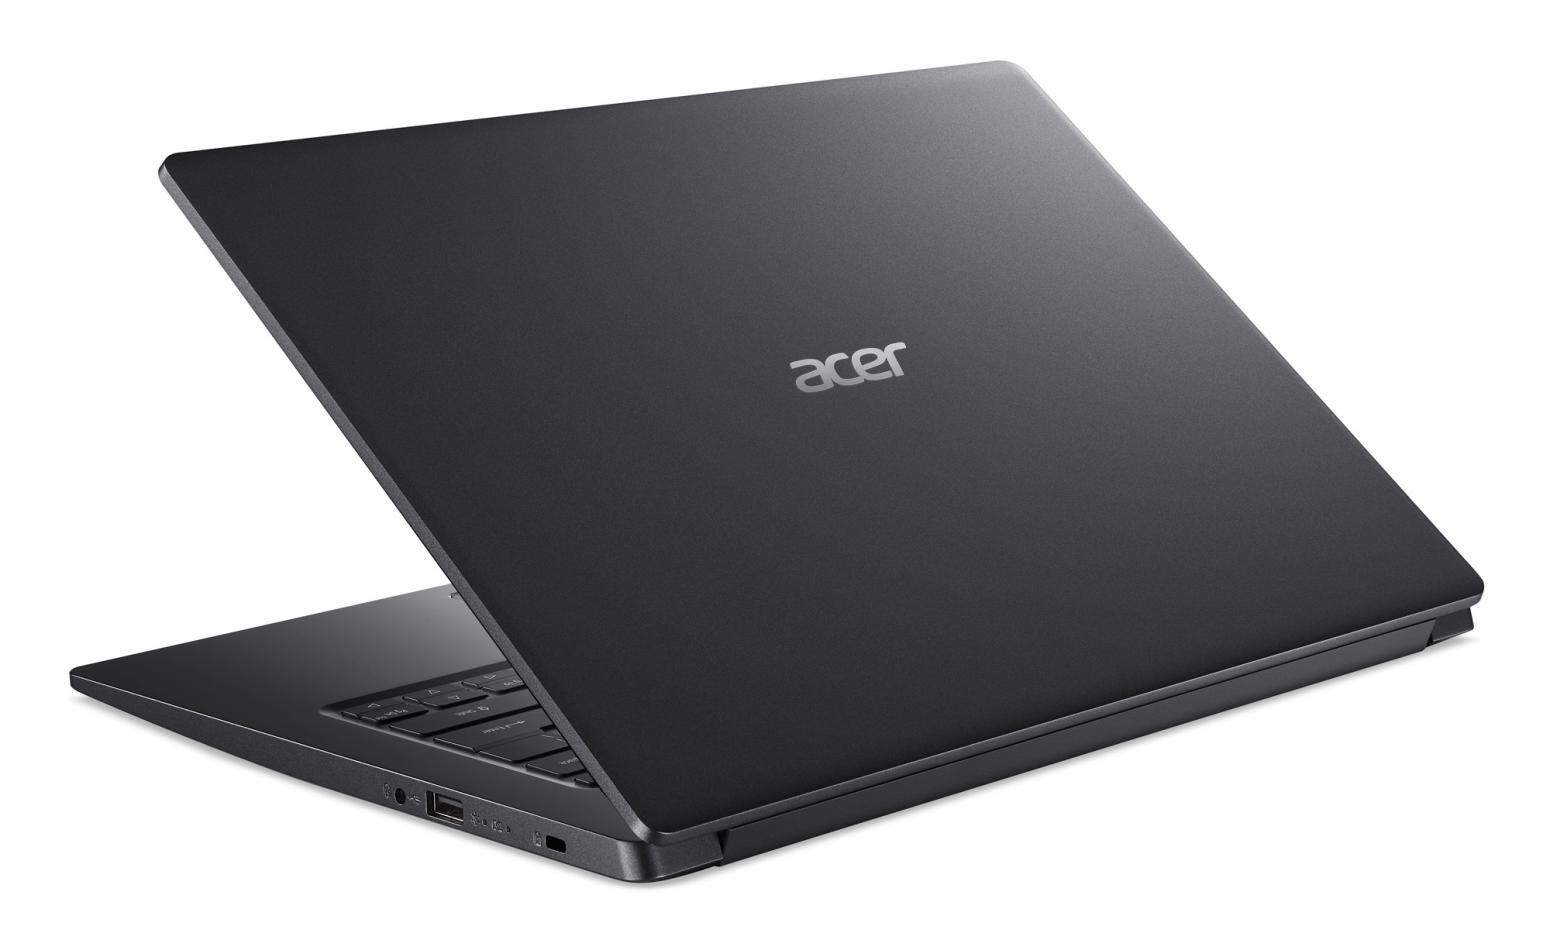 Ordinateur portable Acer Aspire 3 A314-22-R14R - Ryzen 3 - photo 3